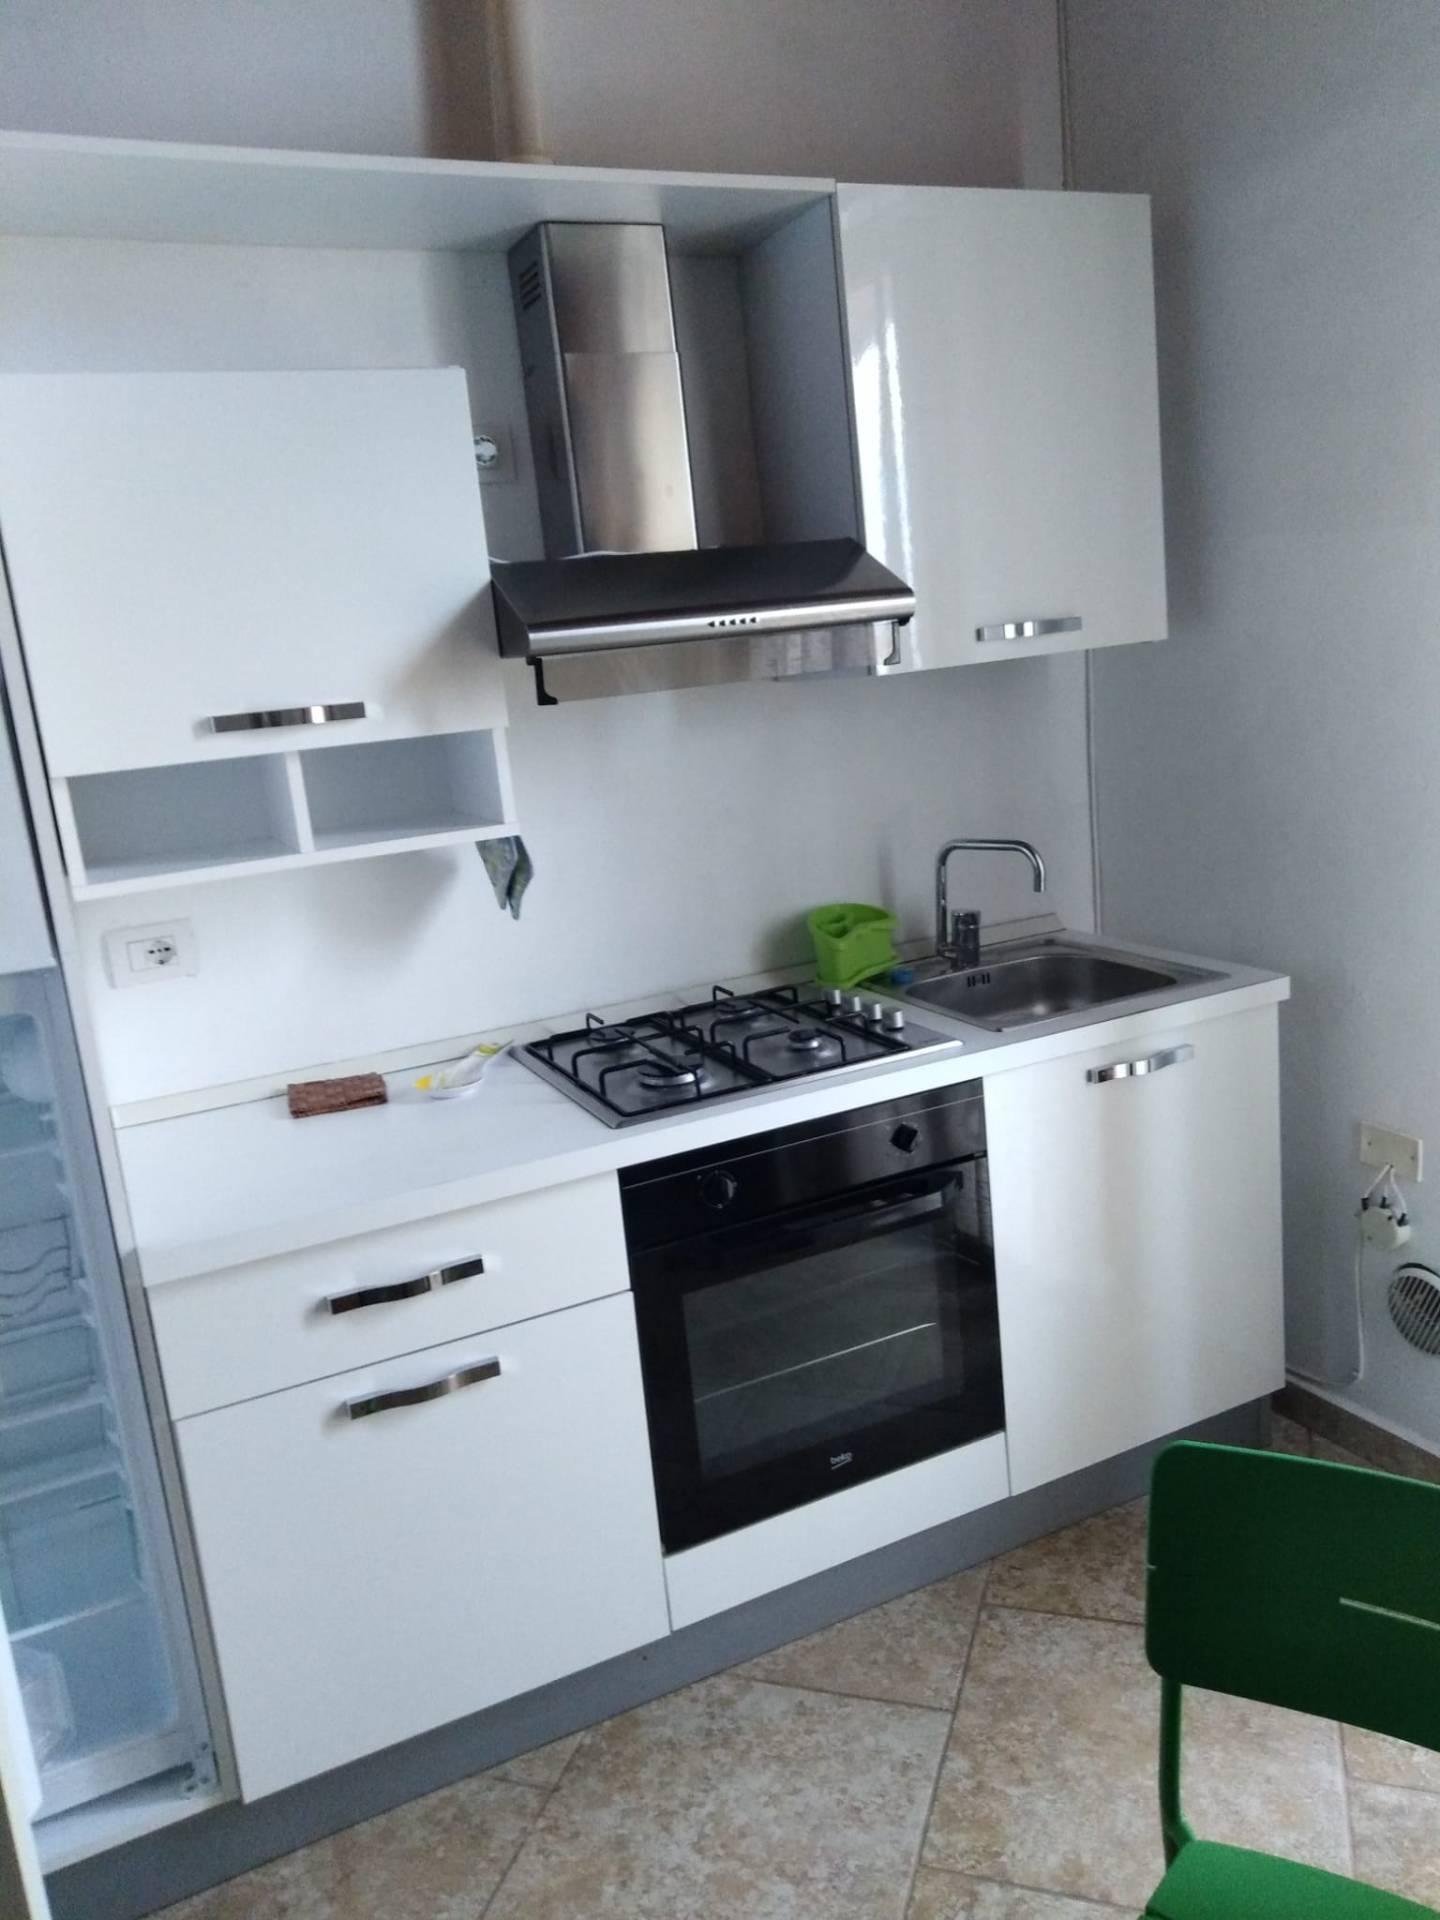 Appartamento in affitto a Bellaria Igea Marina, 3 locali, zona Località: IgeaMarina, prezzo € 700 | CambioCasa.it